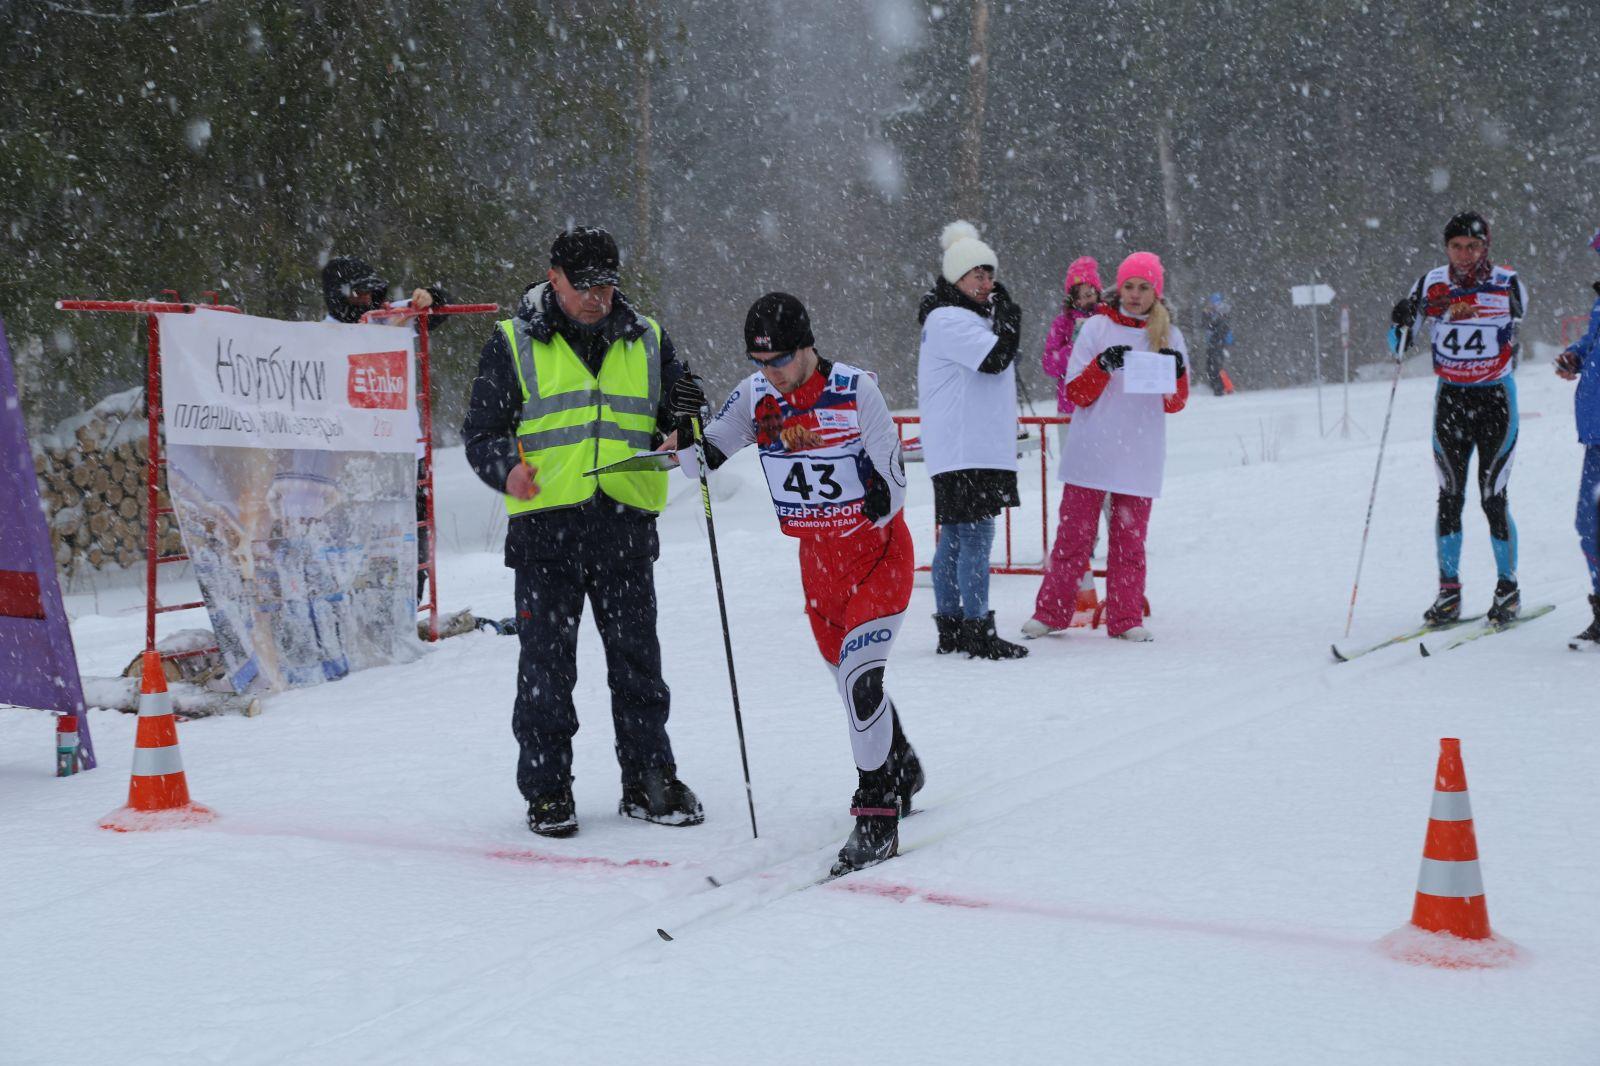 Сильнейшие лыжники и биатлонисты России спорта лиц с ПОДА и нарушением зрения открывают международный сезон стартами на Кубке мира в Канаде